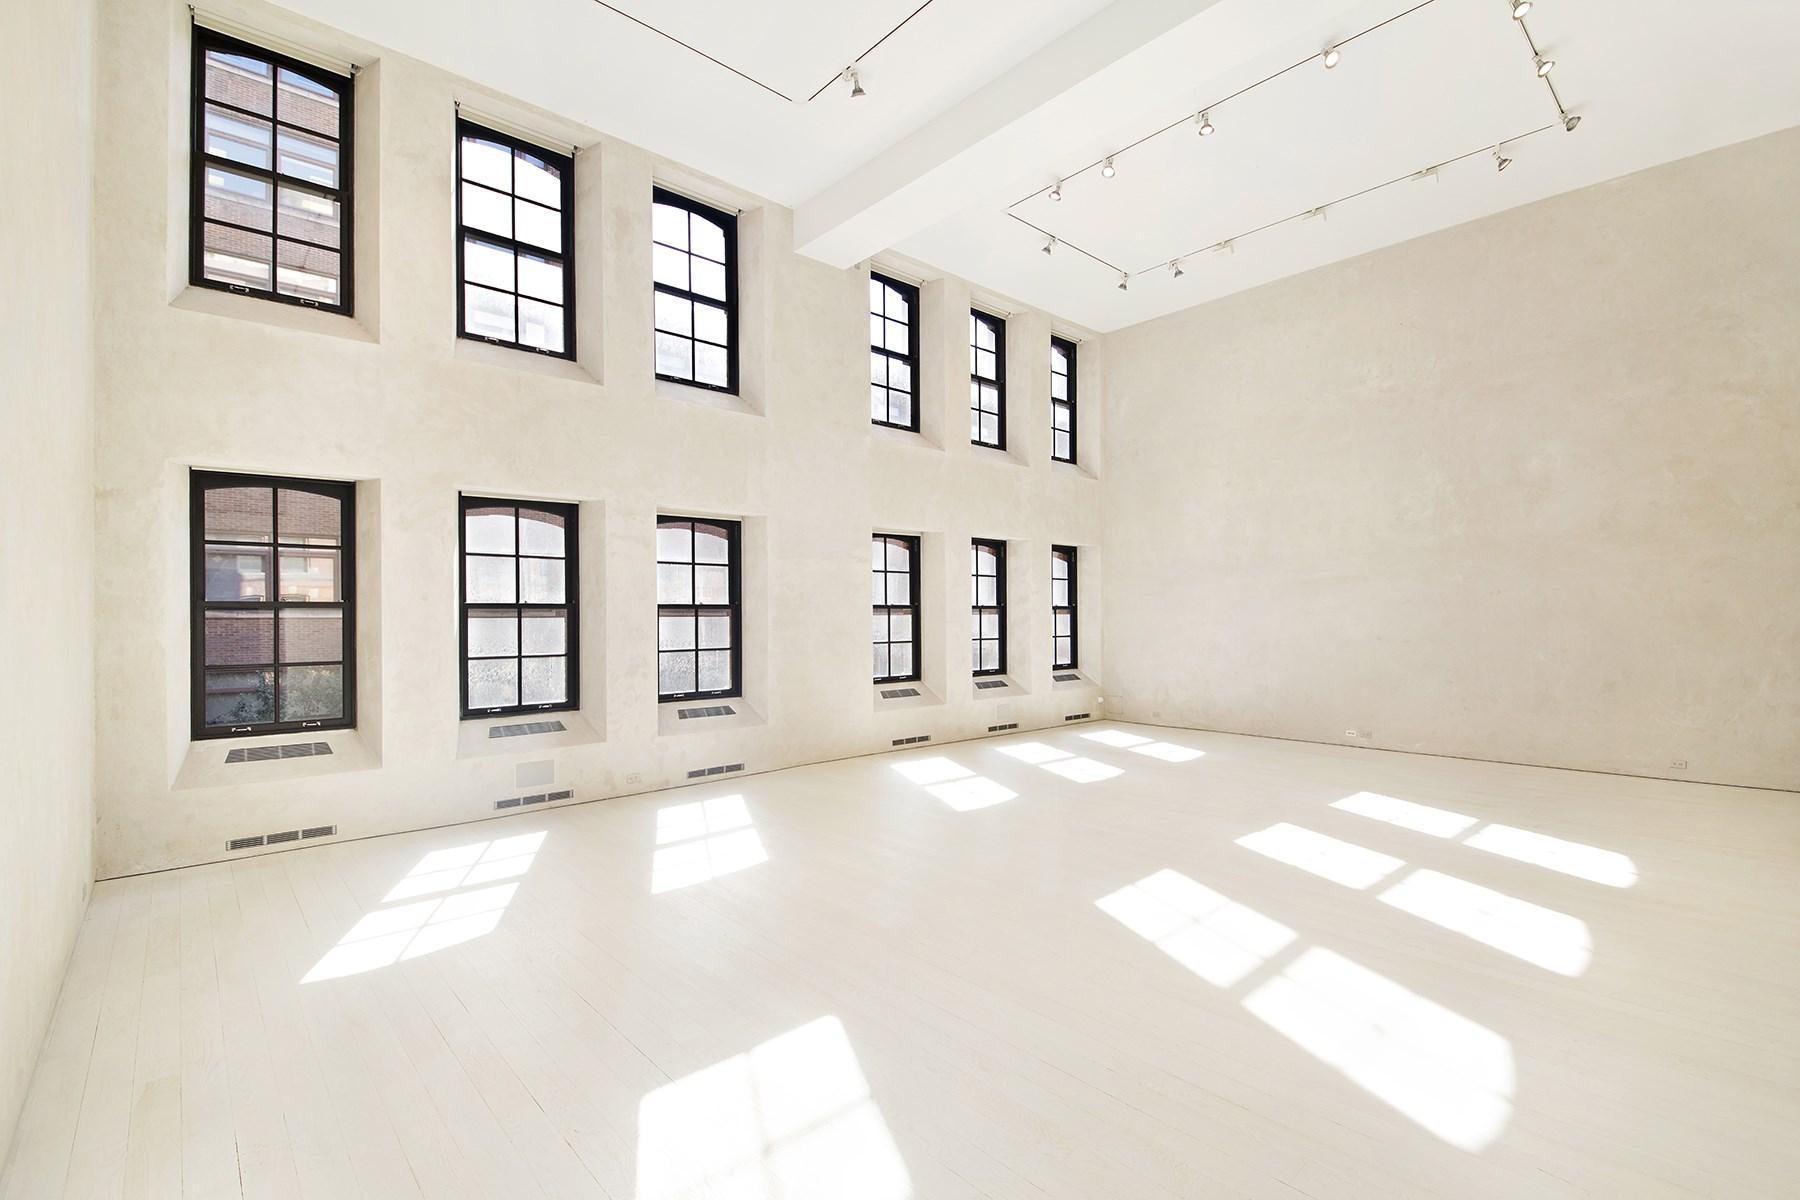 Eigentumswohnung für Verkauf beim 43 Clarkson Street 43 Clarkson Street Apt 234A West Village, New York, New York, 10014 Vereinigte Staaten